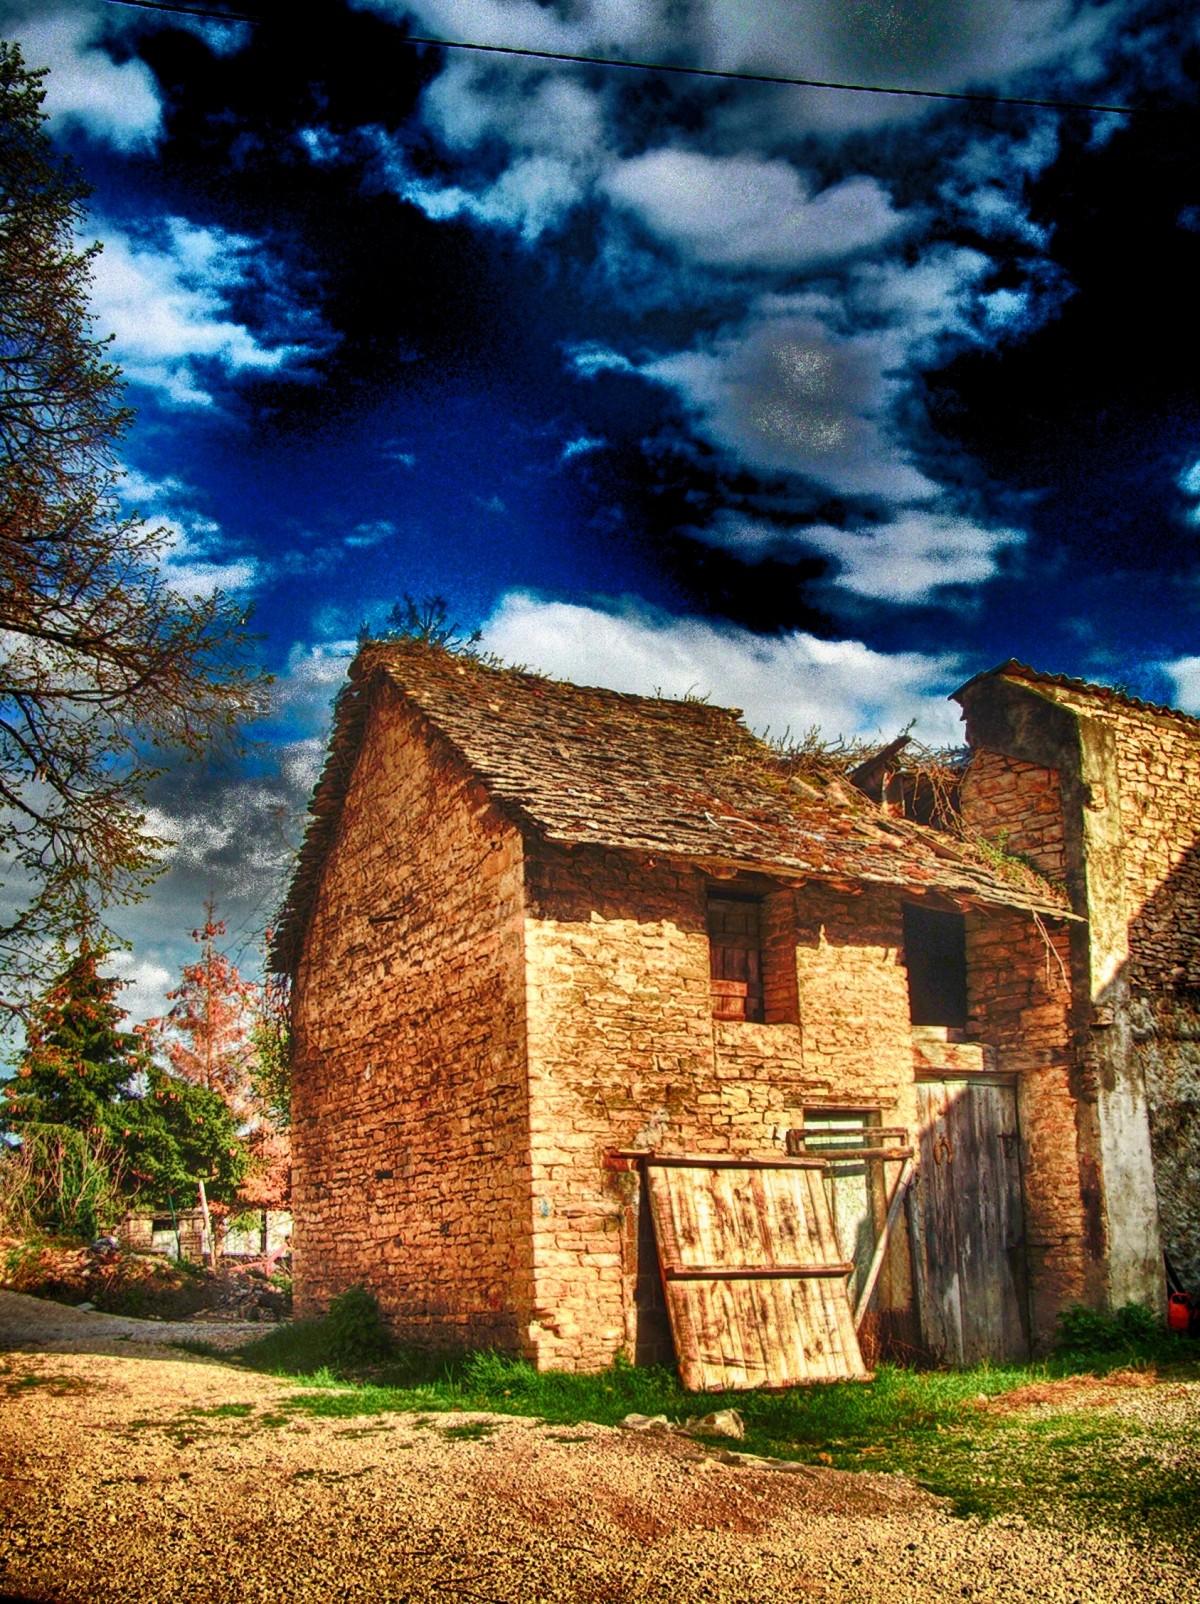 Immagini belle villaggio tramonto fienile albero for Fienile casa piani casa